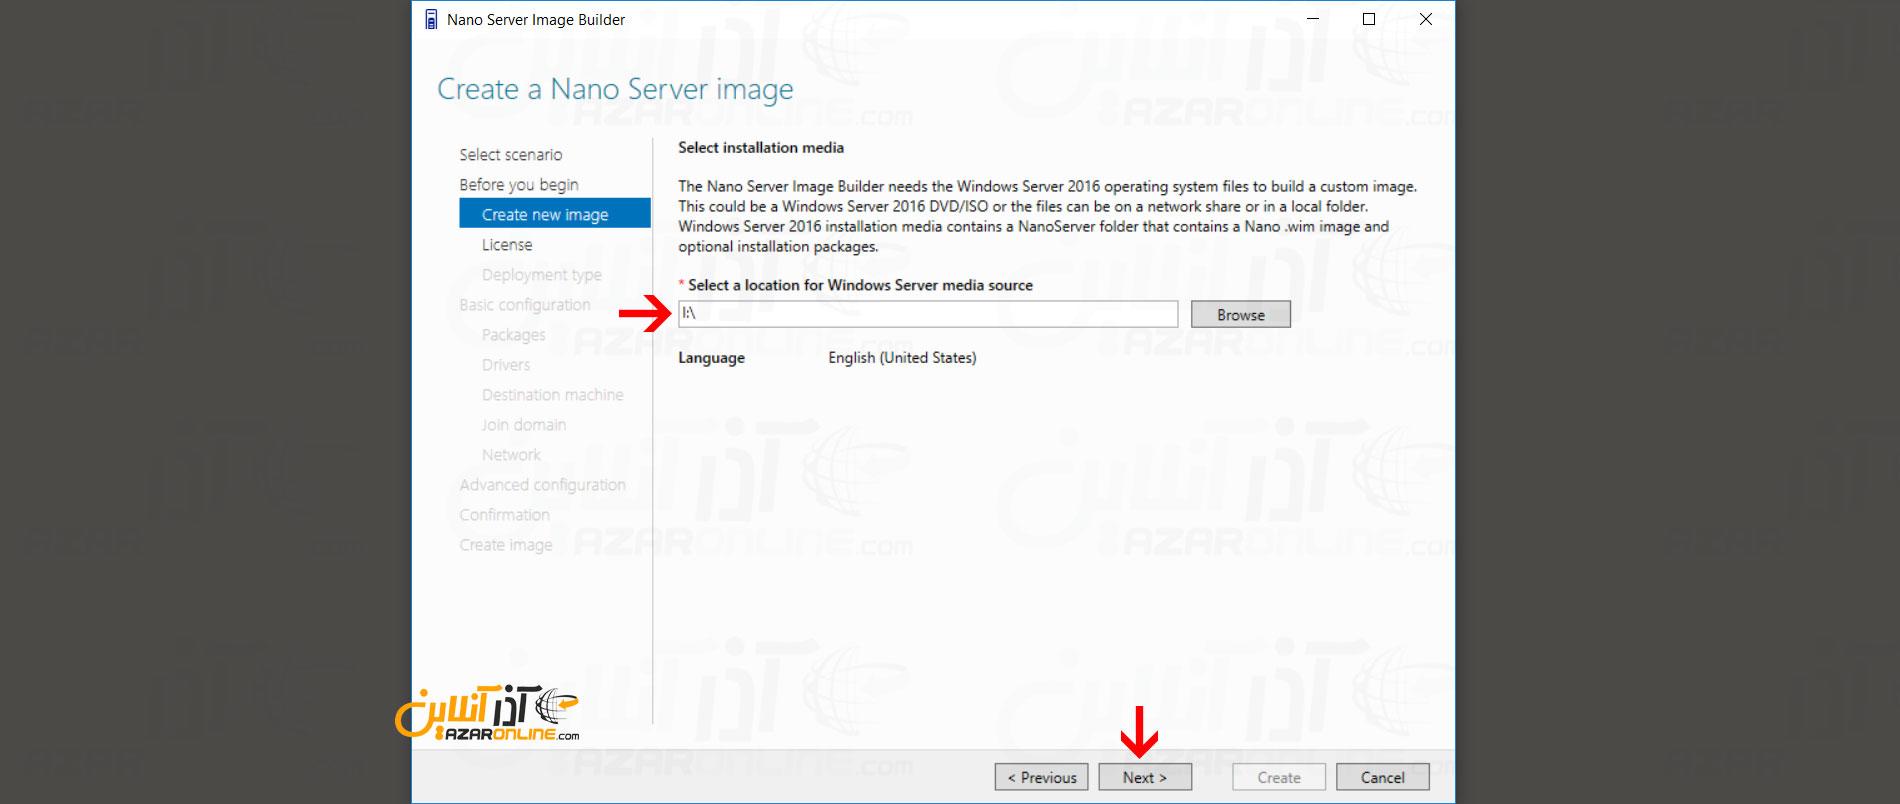 وارد کردن آدرس ISO ویندوز سرور 2016